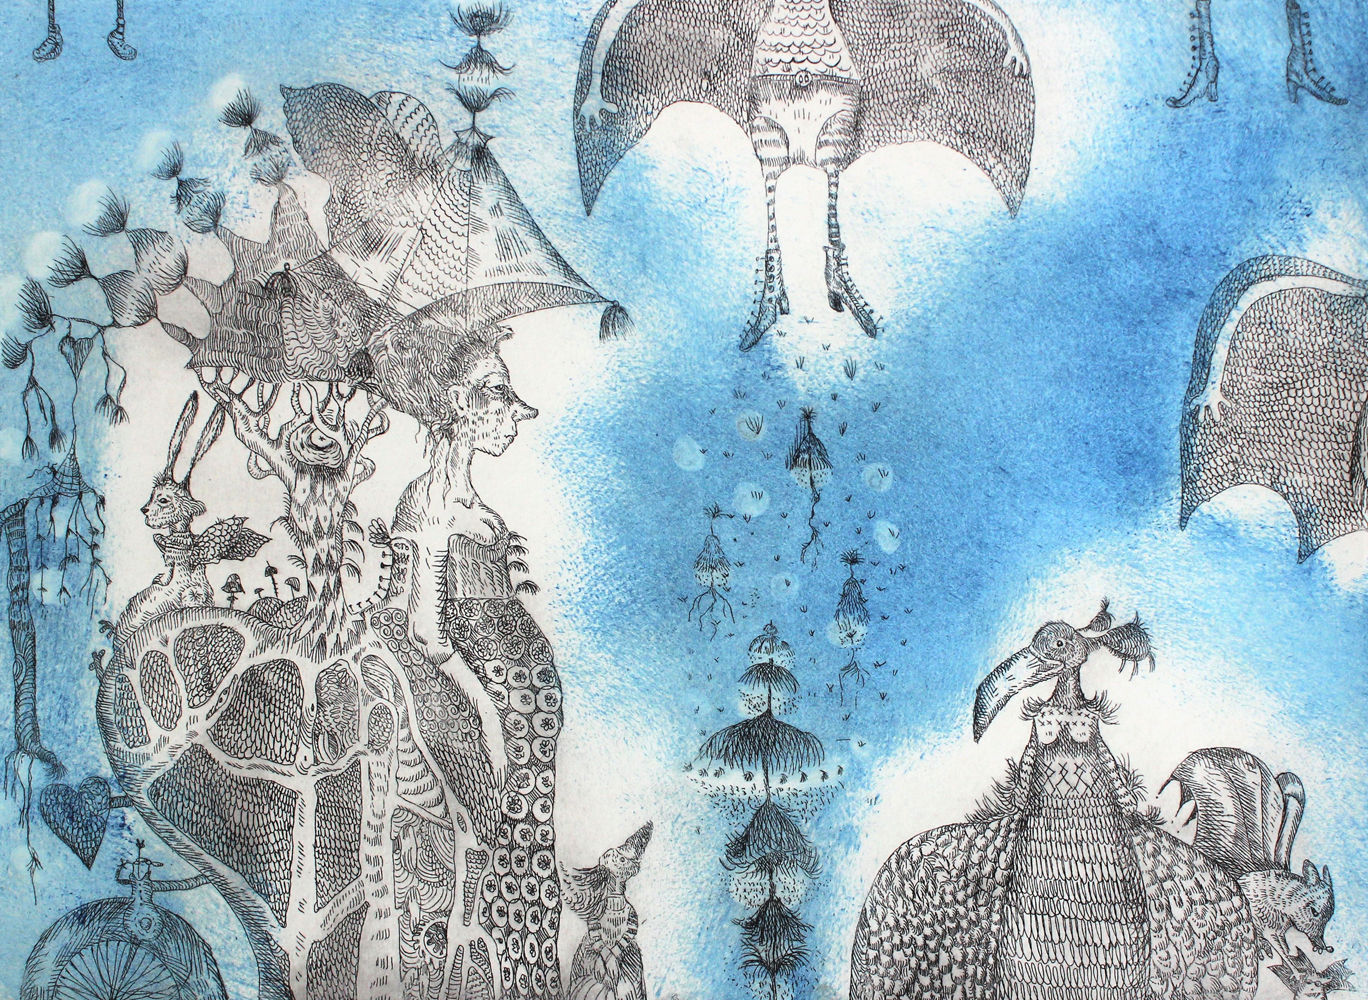 Marje Viitalan sininen metalligrafiikka jossa lintuja